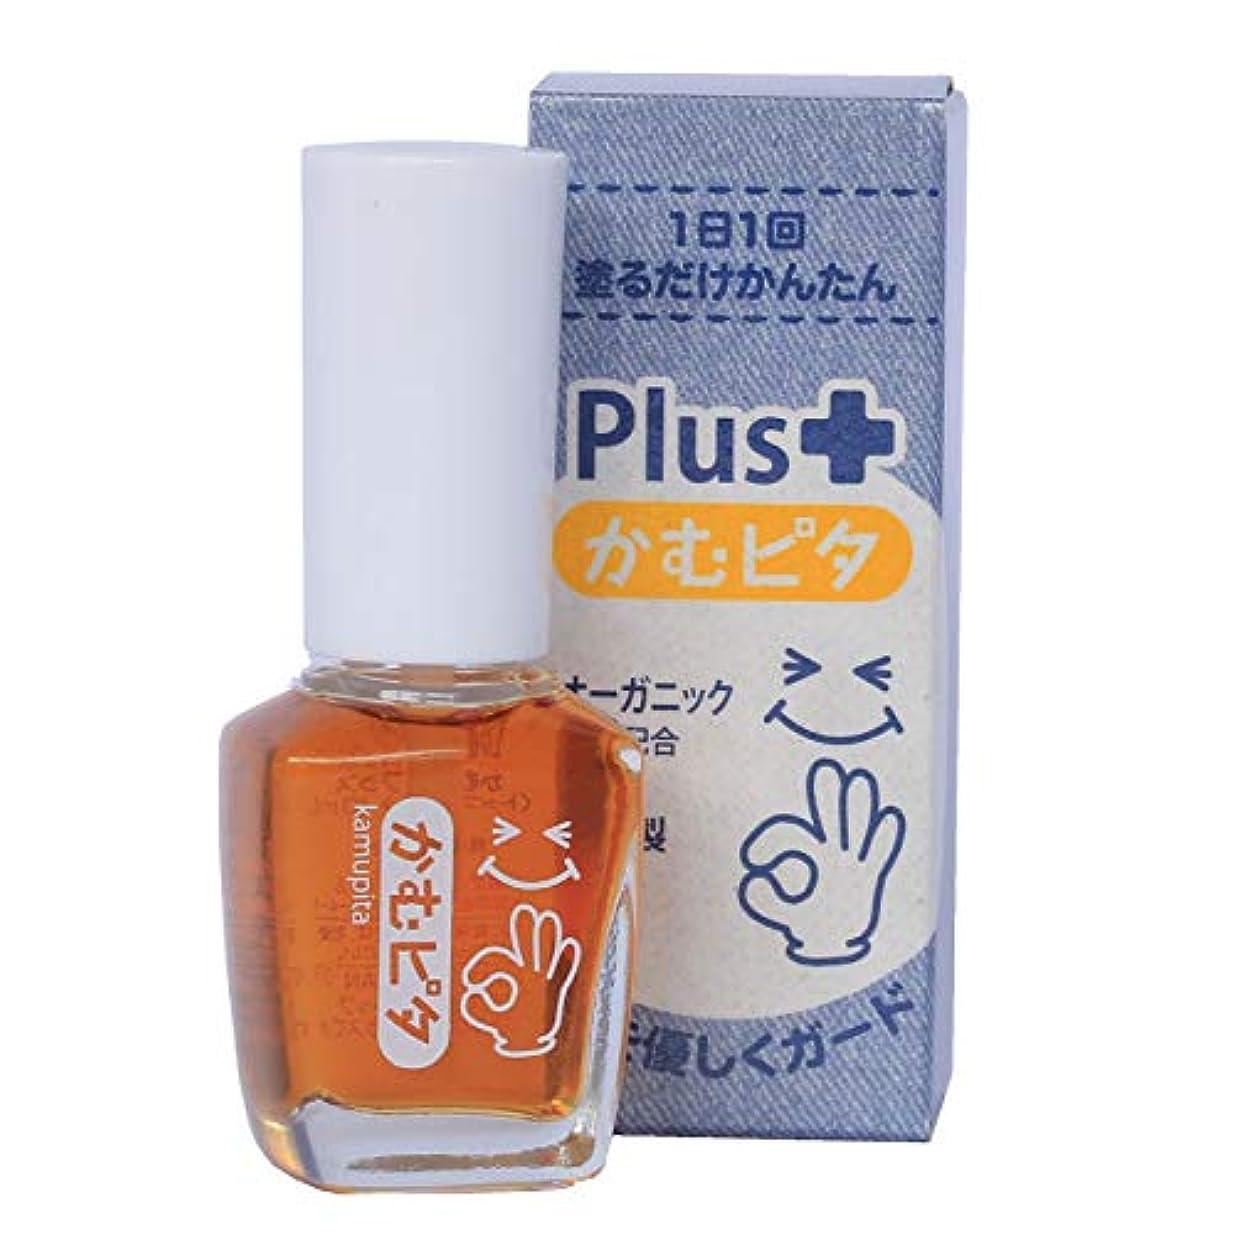 エキサイティング中央調和子供の爪噛み?指しゃぶり防止に苦い日本製マニキュア かむピタ プラス  オーガニック成分配合?10ml